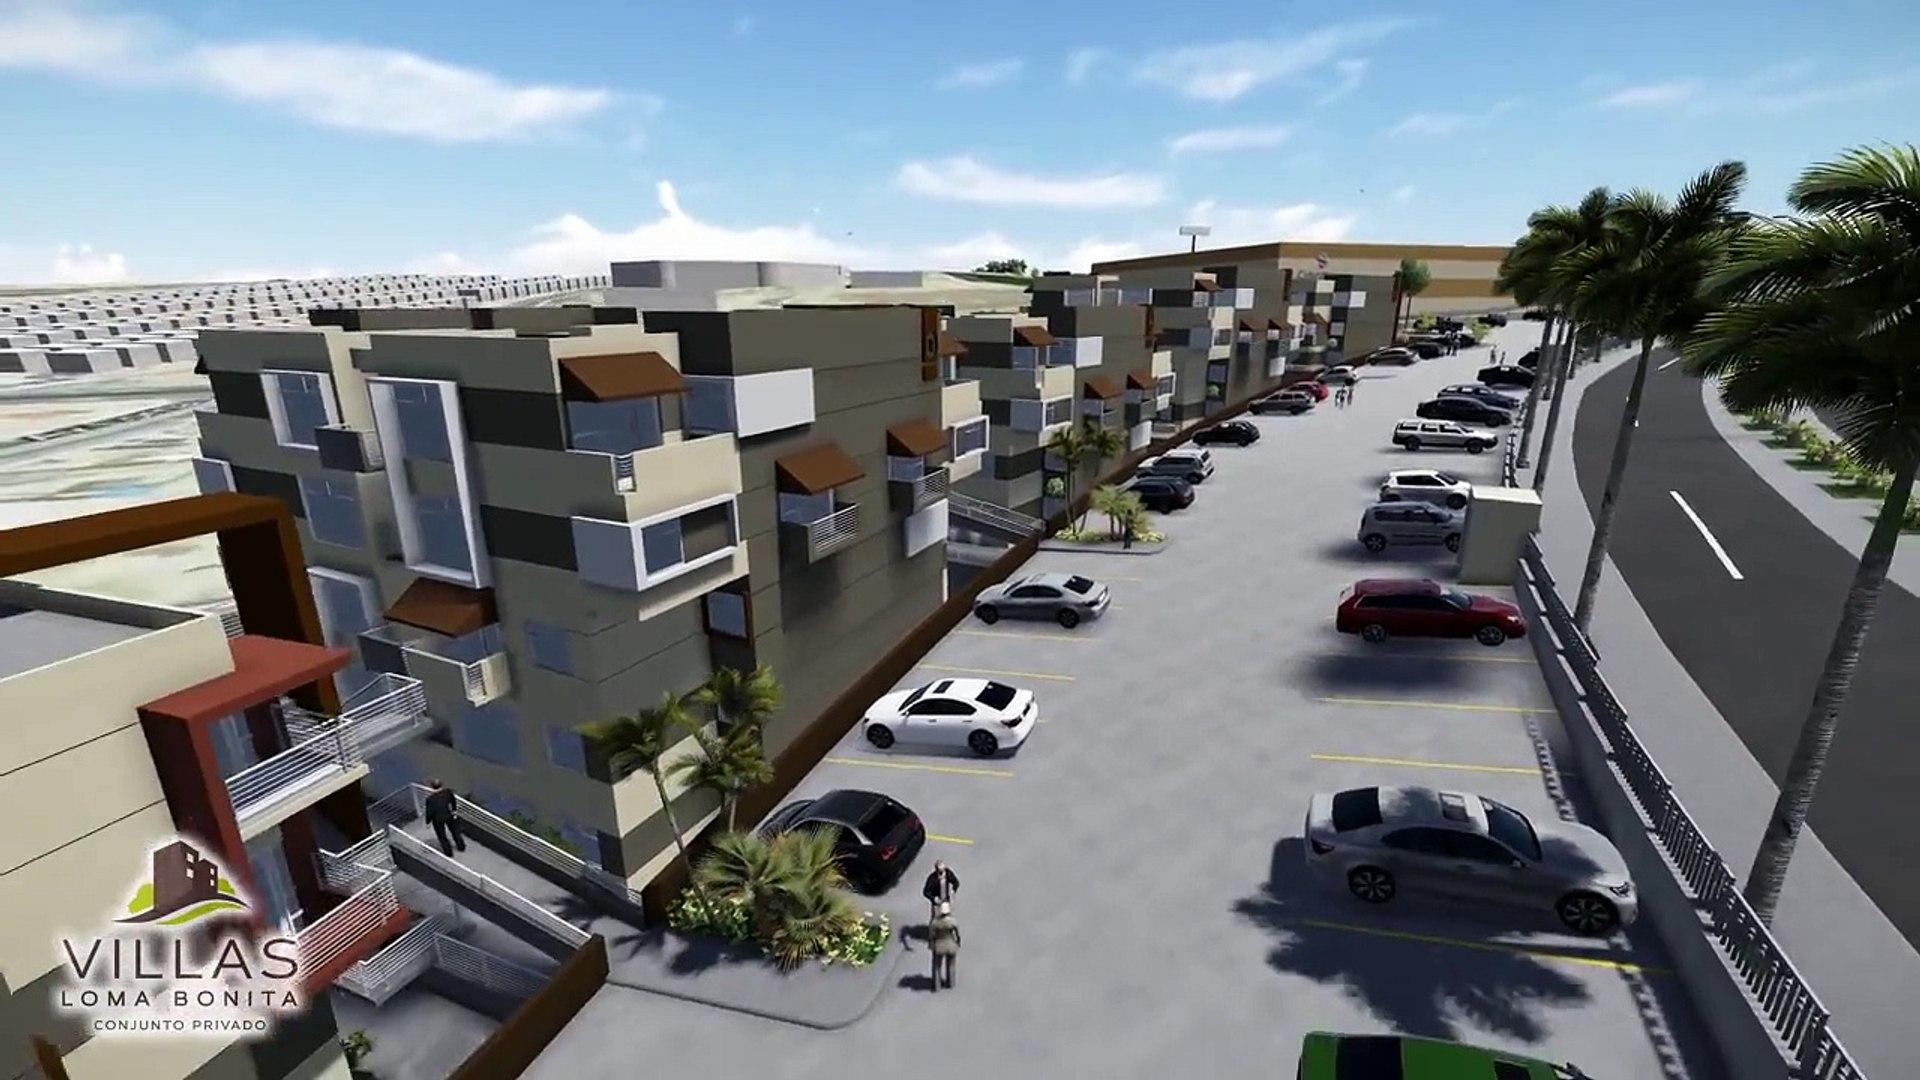 Recorrido Virtual Villas Loma Bonita